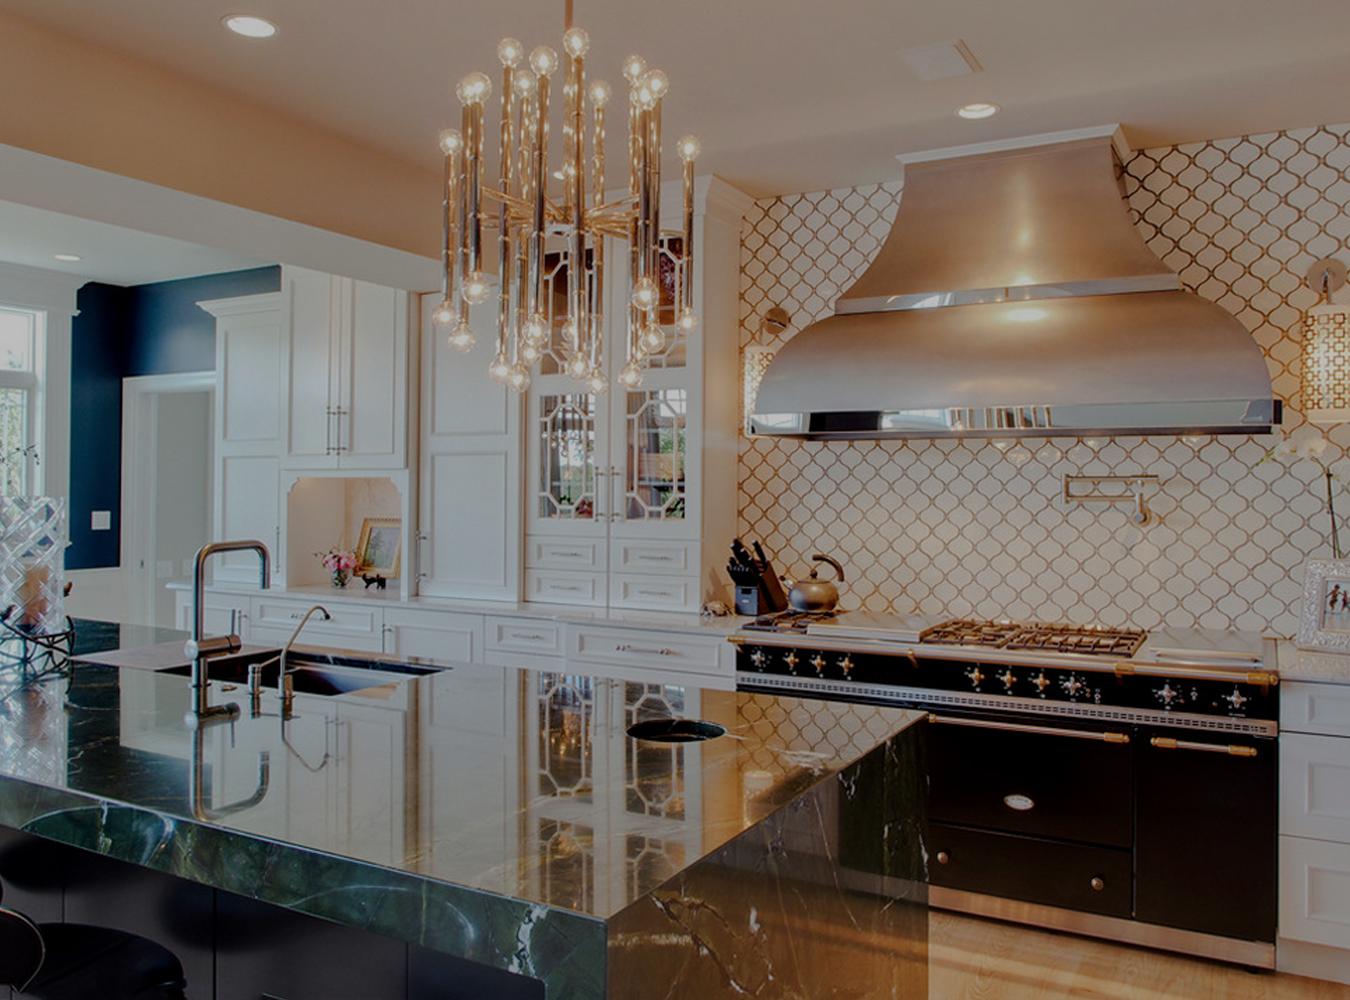 kbdlv kitchens by design Kitchen design contractor Lehigh Valley